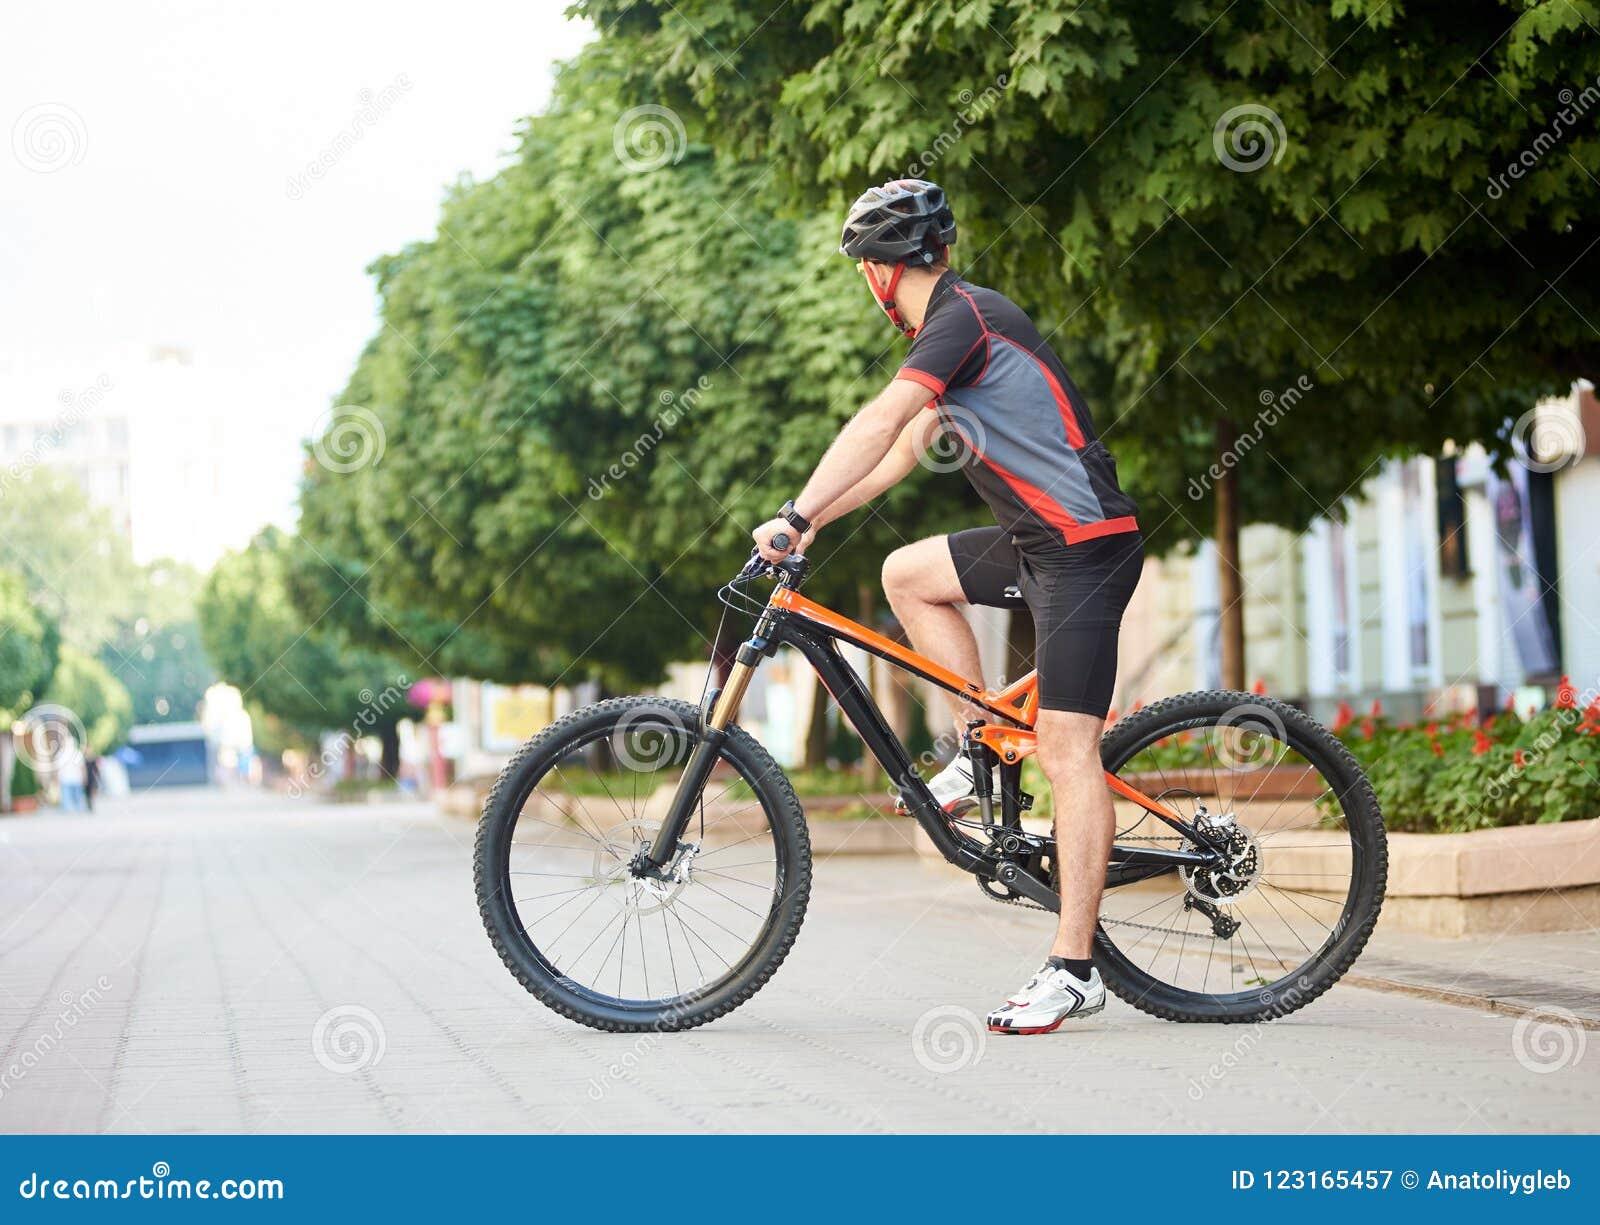 Sportsman crossing city street on bike